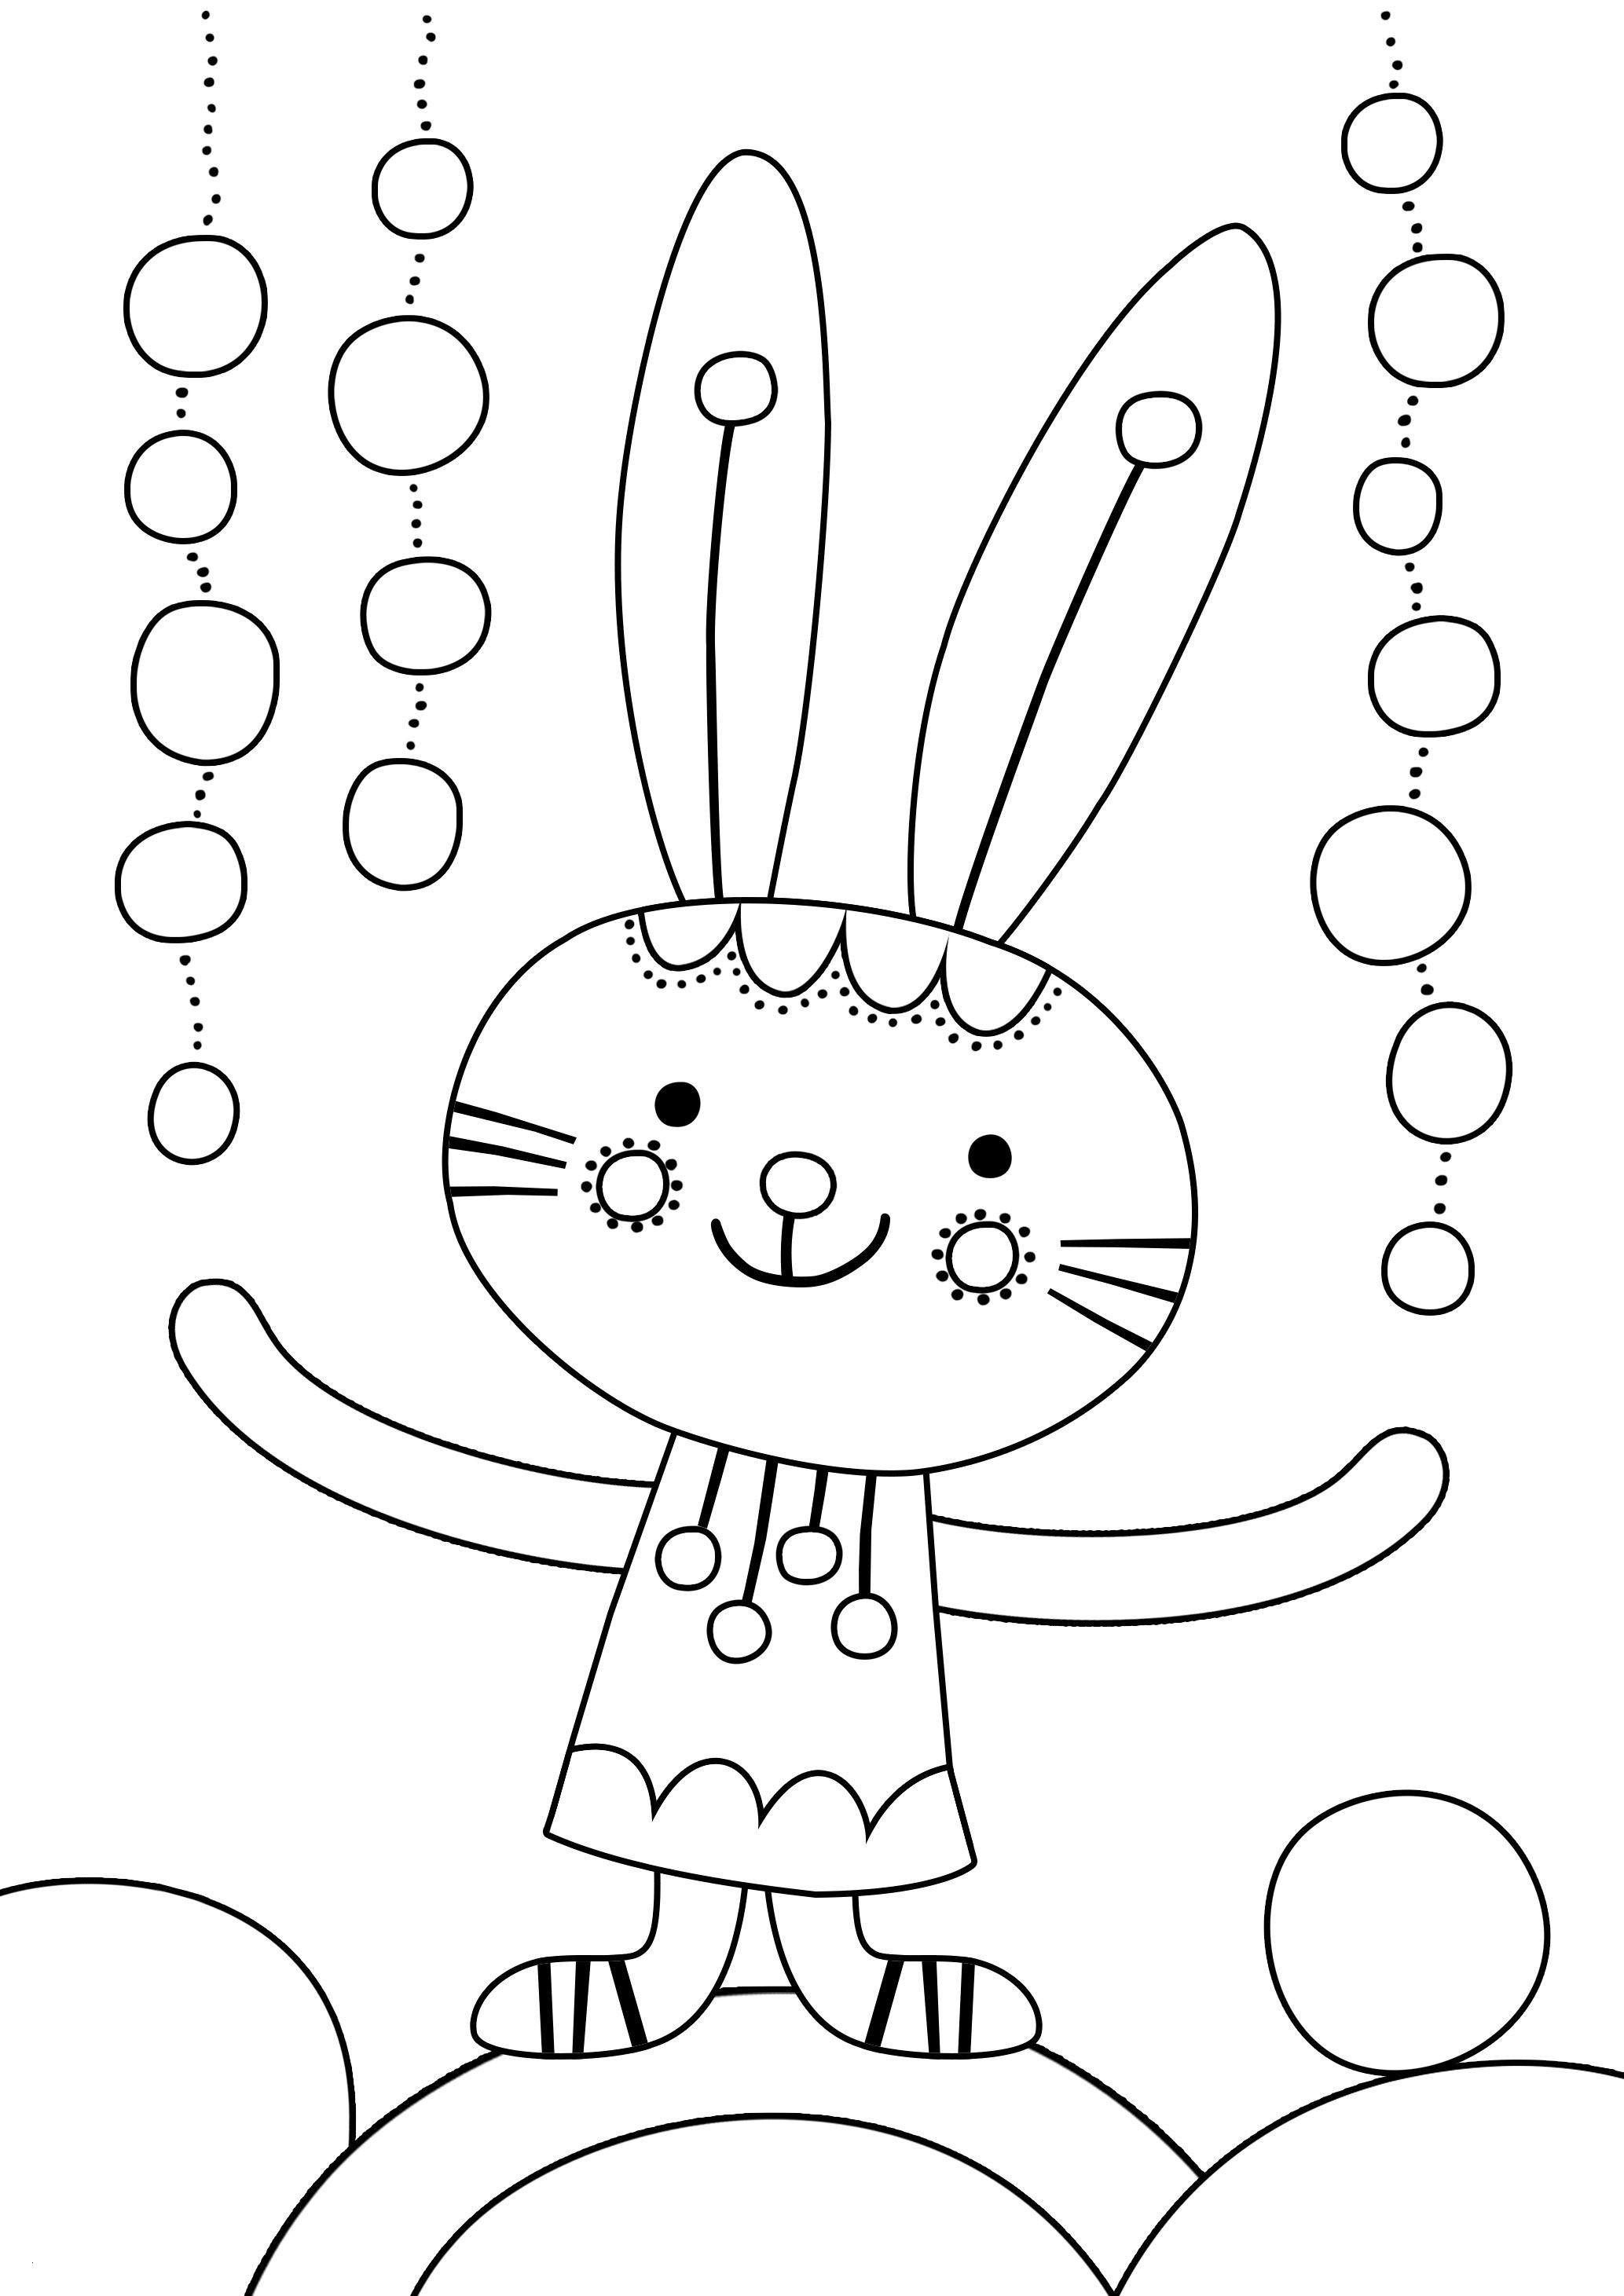 Raupe Nimmersatt Ausmalbild Einzigartig Wölfe Ausmalbilder Frisch Pikku Kakkosen Tulostettavat Värityskuvat Galerie